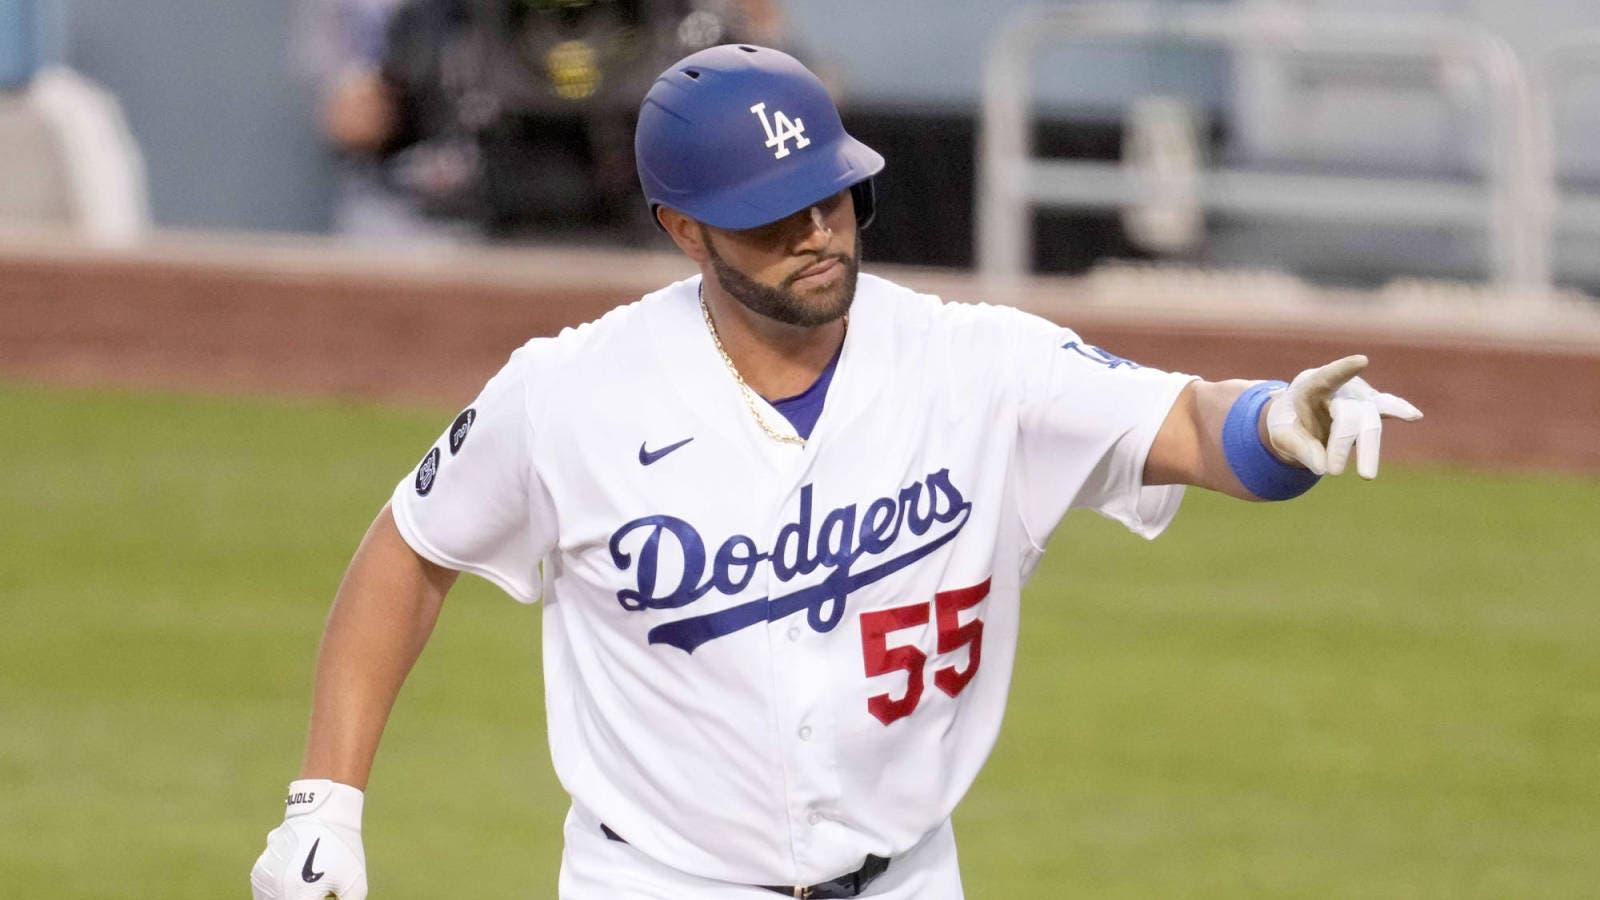 Pujols muestra su clase de líder y evita eliminación de los Dodgers